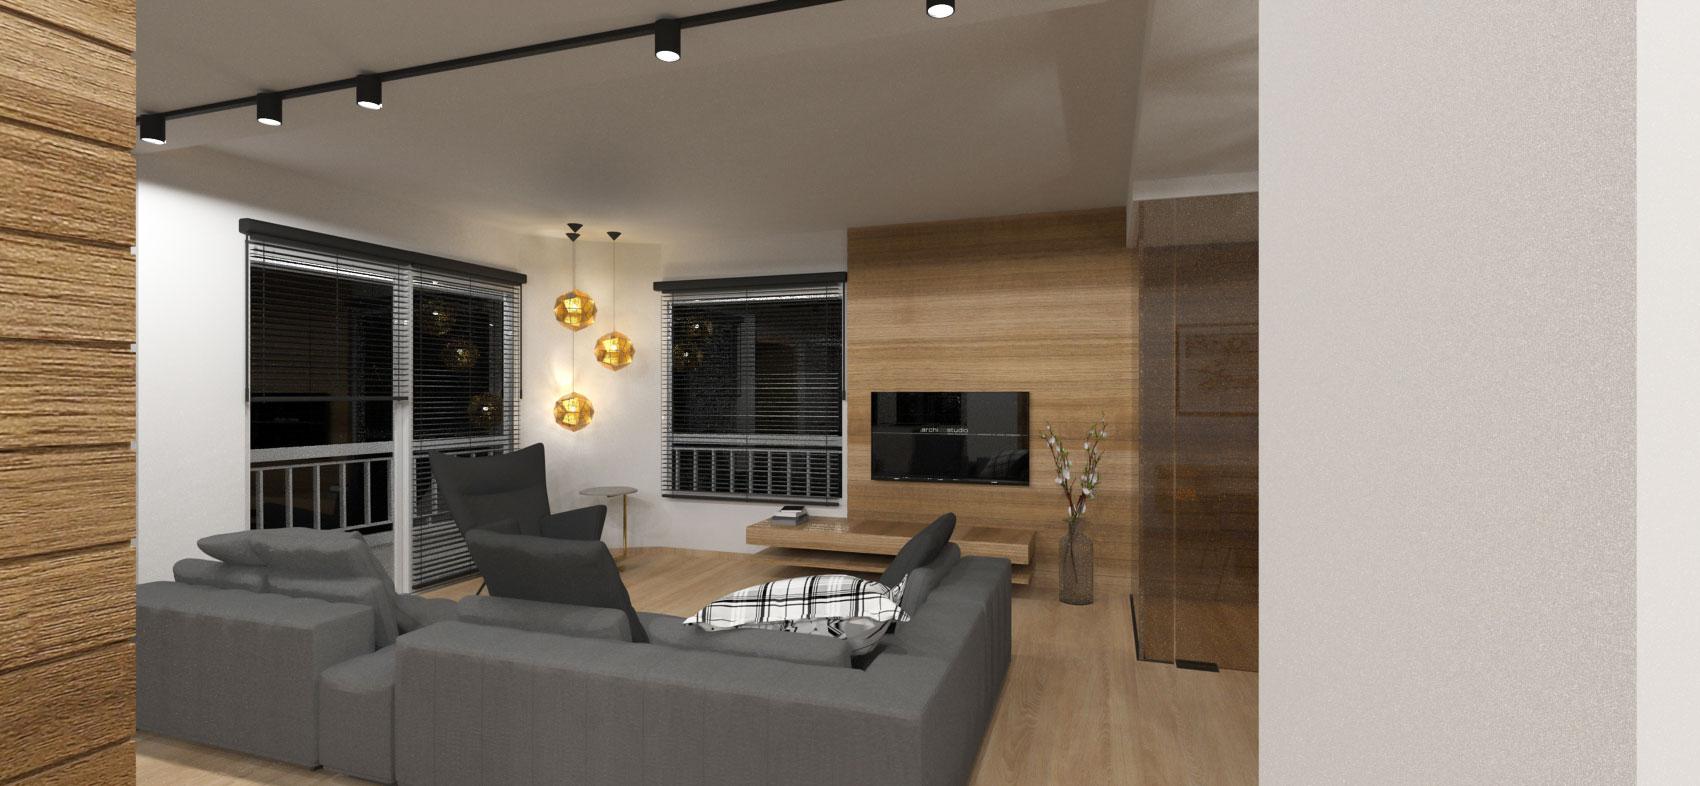 archicostudio_house-yk16_living3